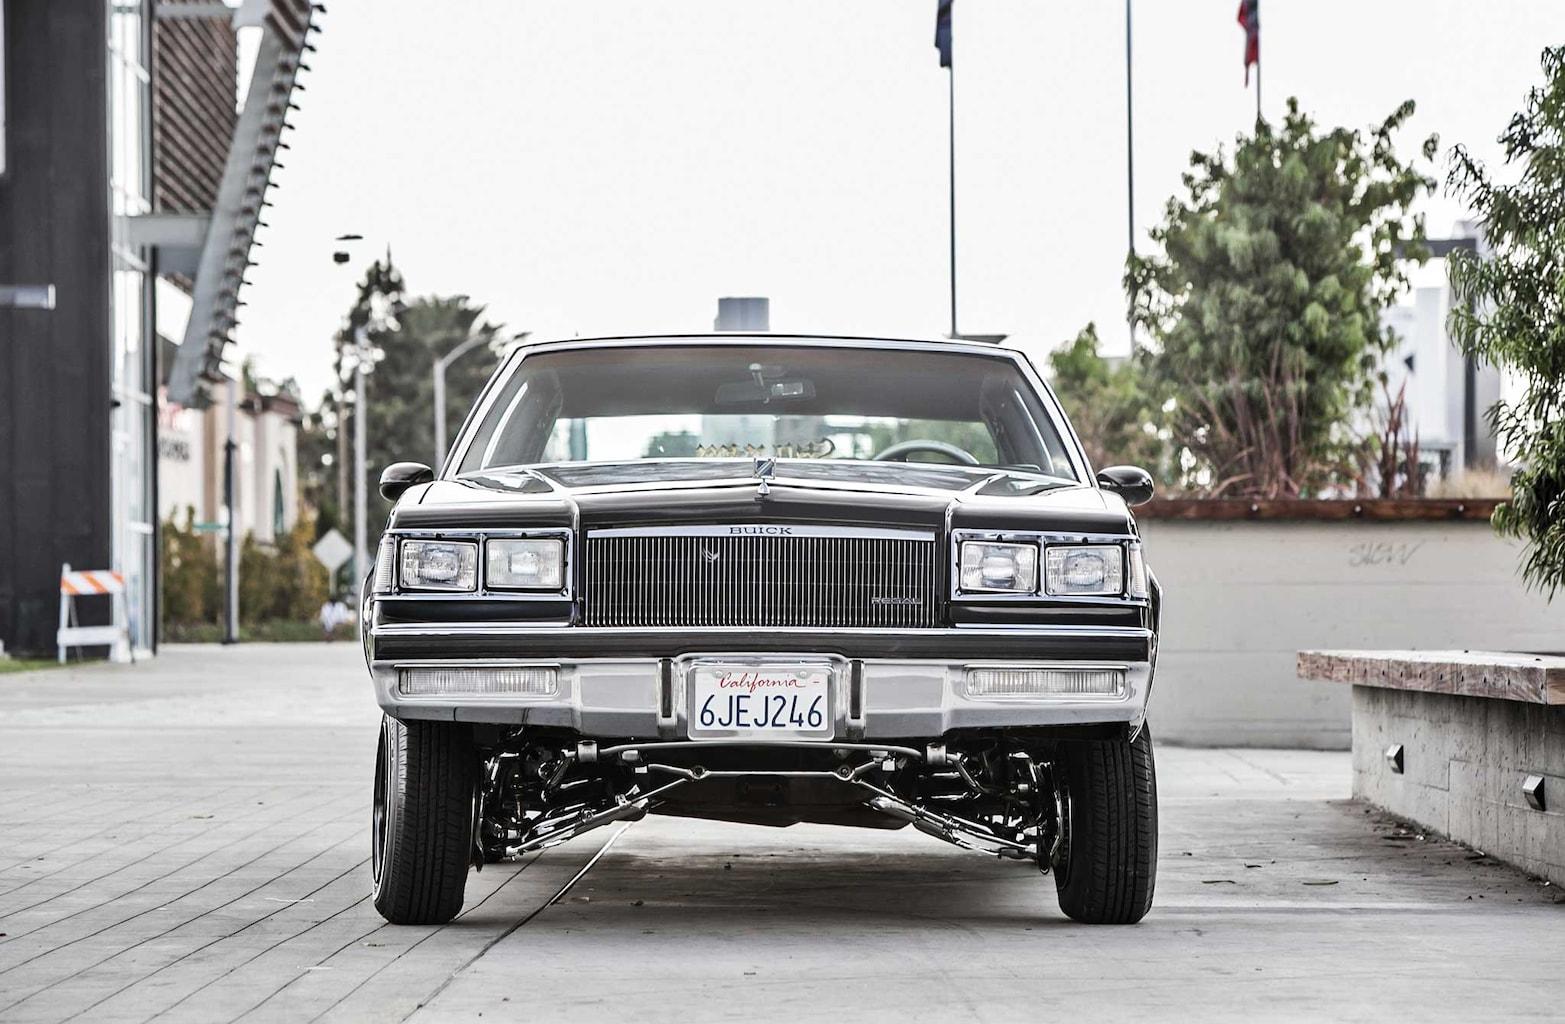 001 1984 buick regal front fascia